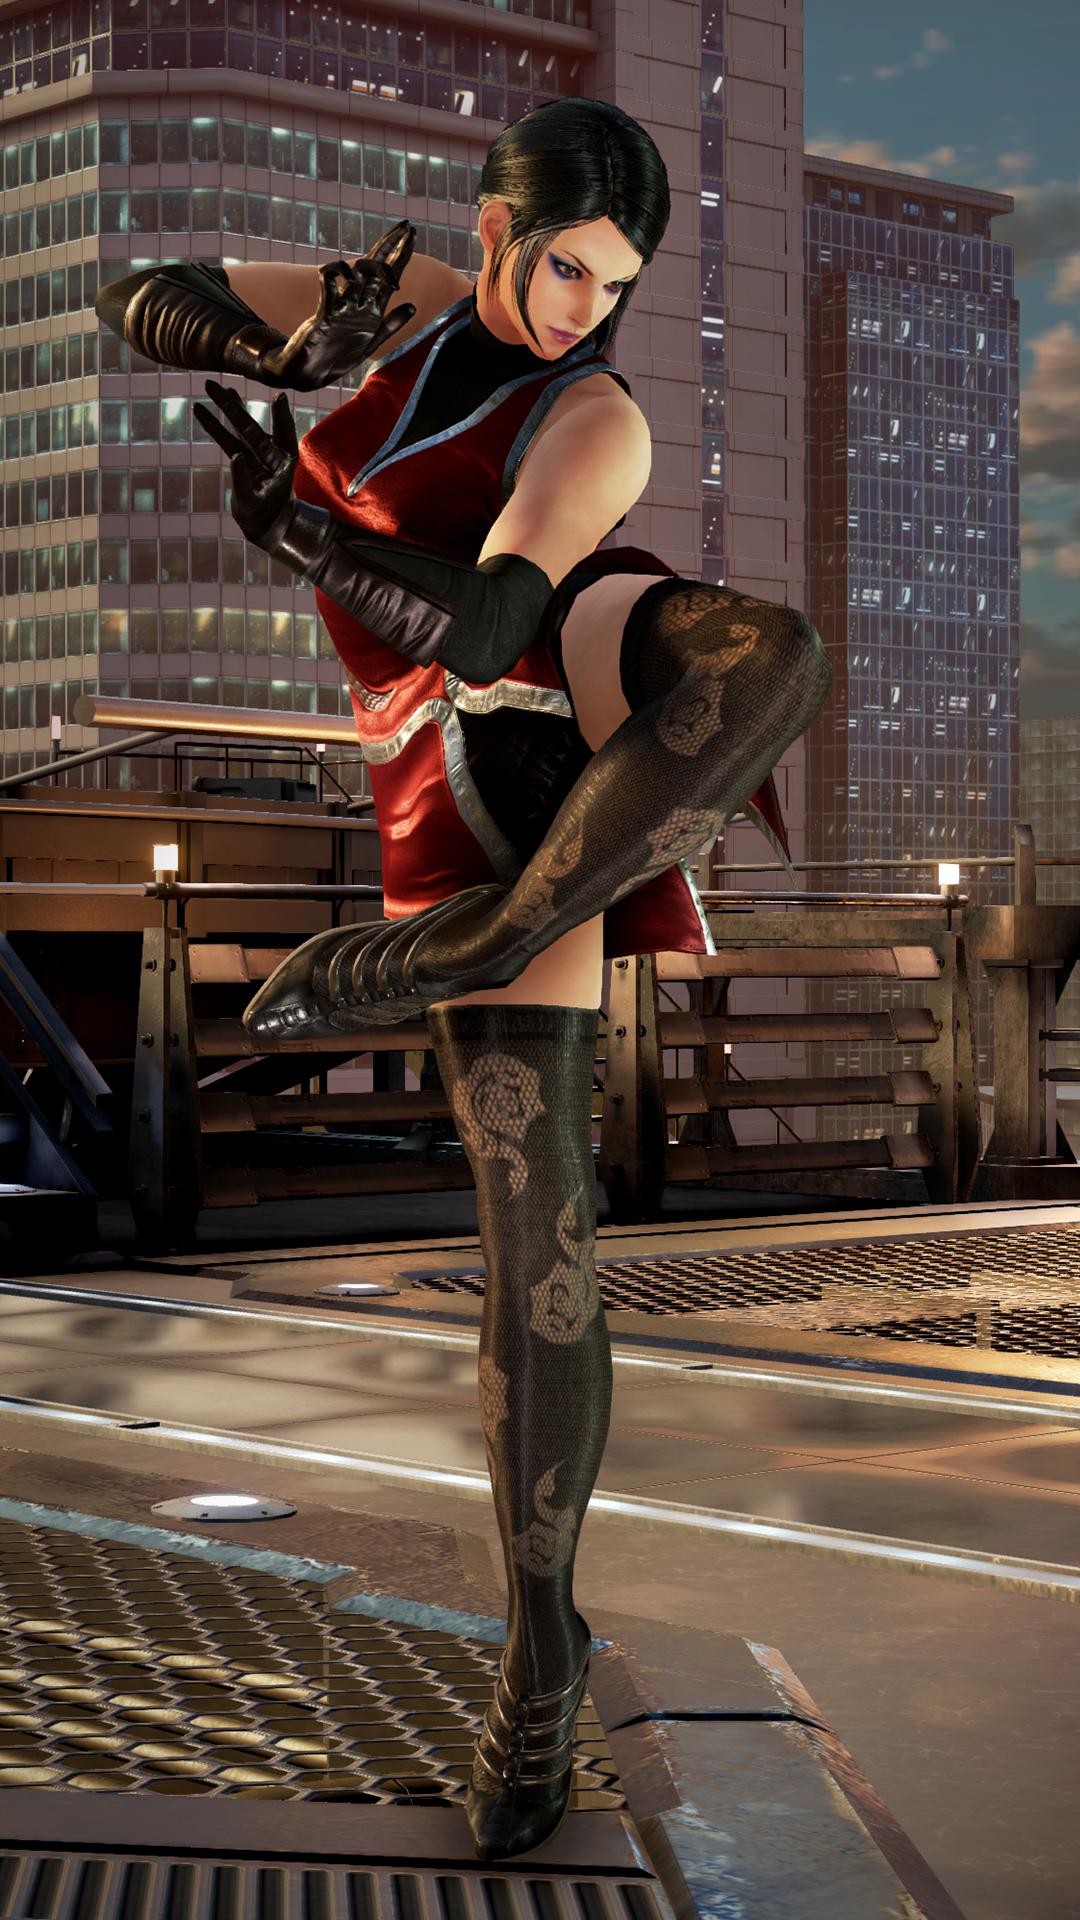 Tekken 7 Season 3 Zafina Returns New Moves For The Entire